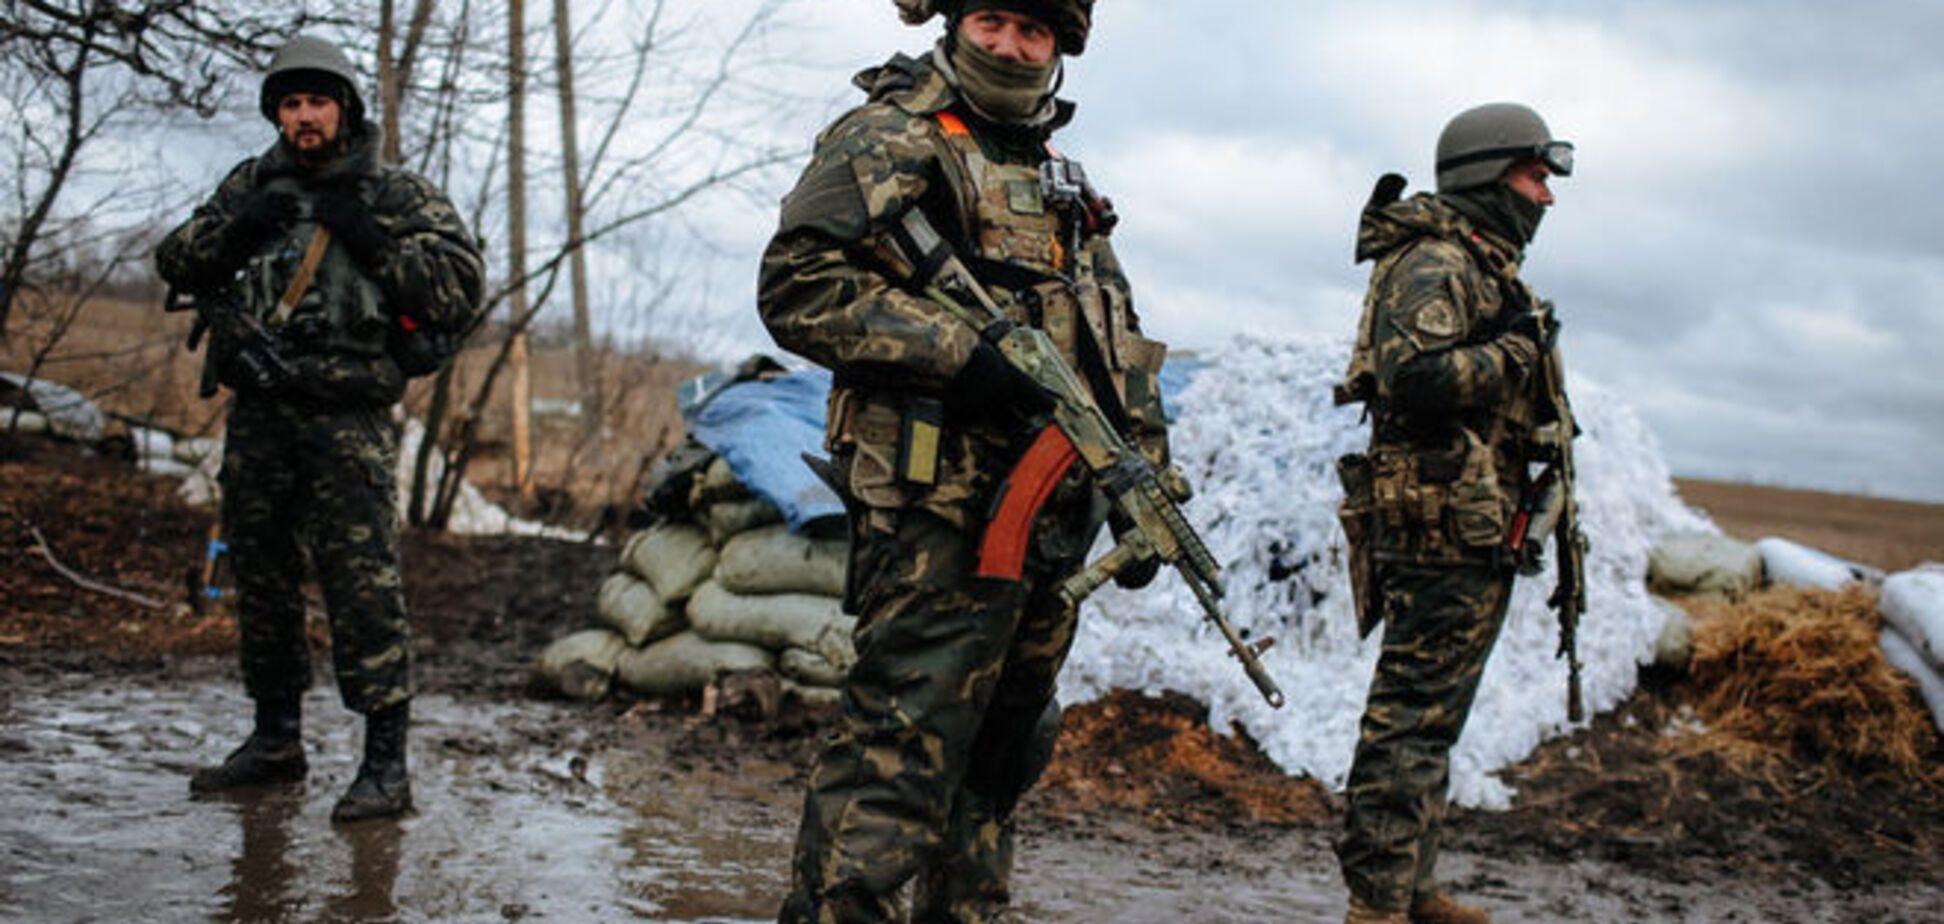 В Минобороны рассказали, сколько бойцов АТО получили статус участника боевых действий